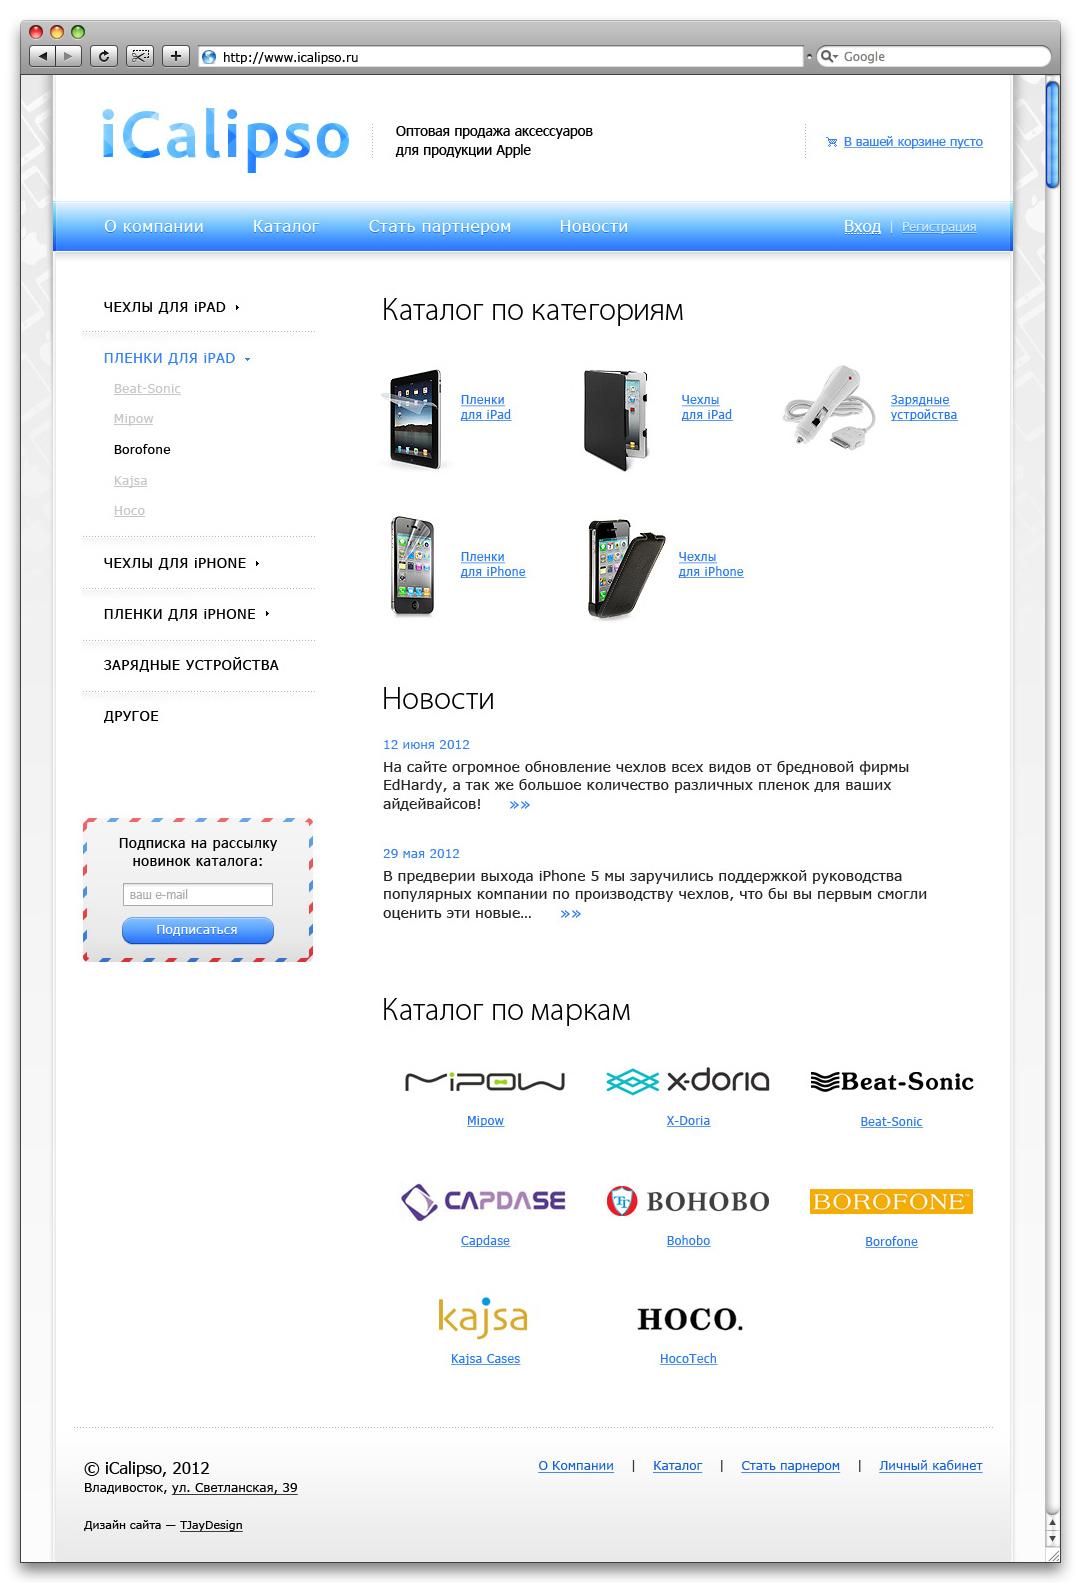 «iCalipso» — аксессуары для продукции Apple.